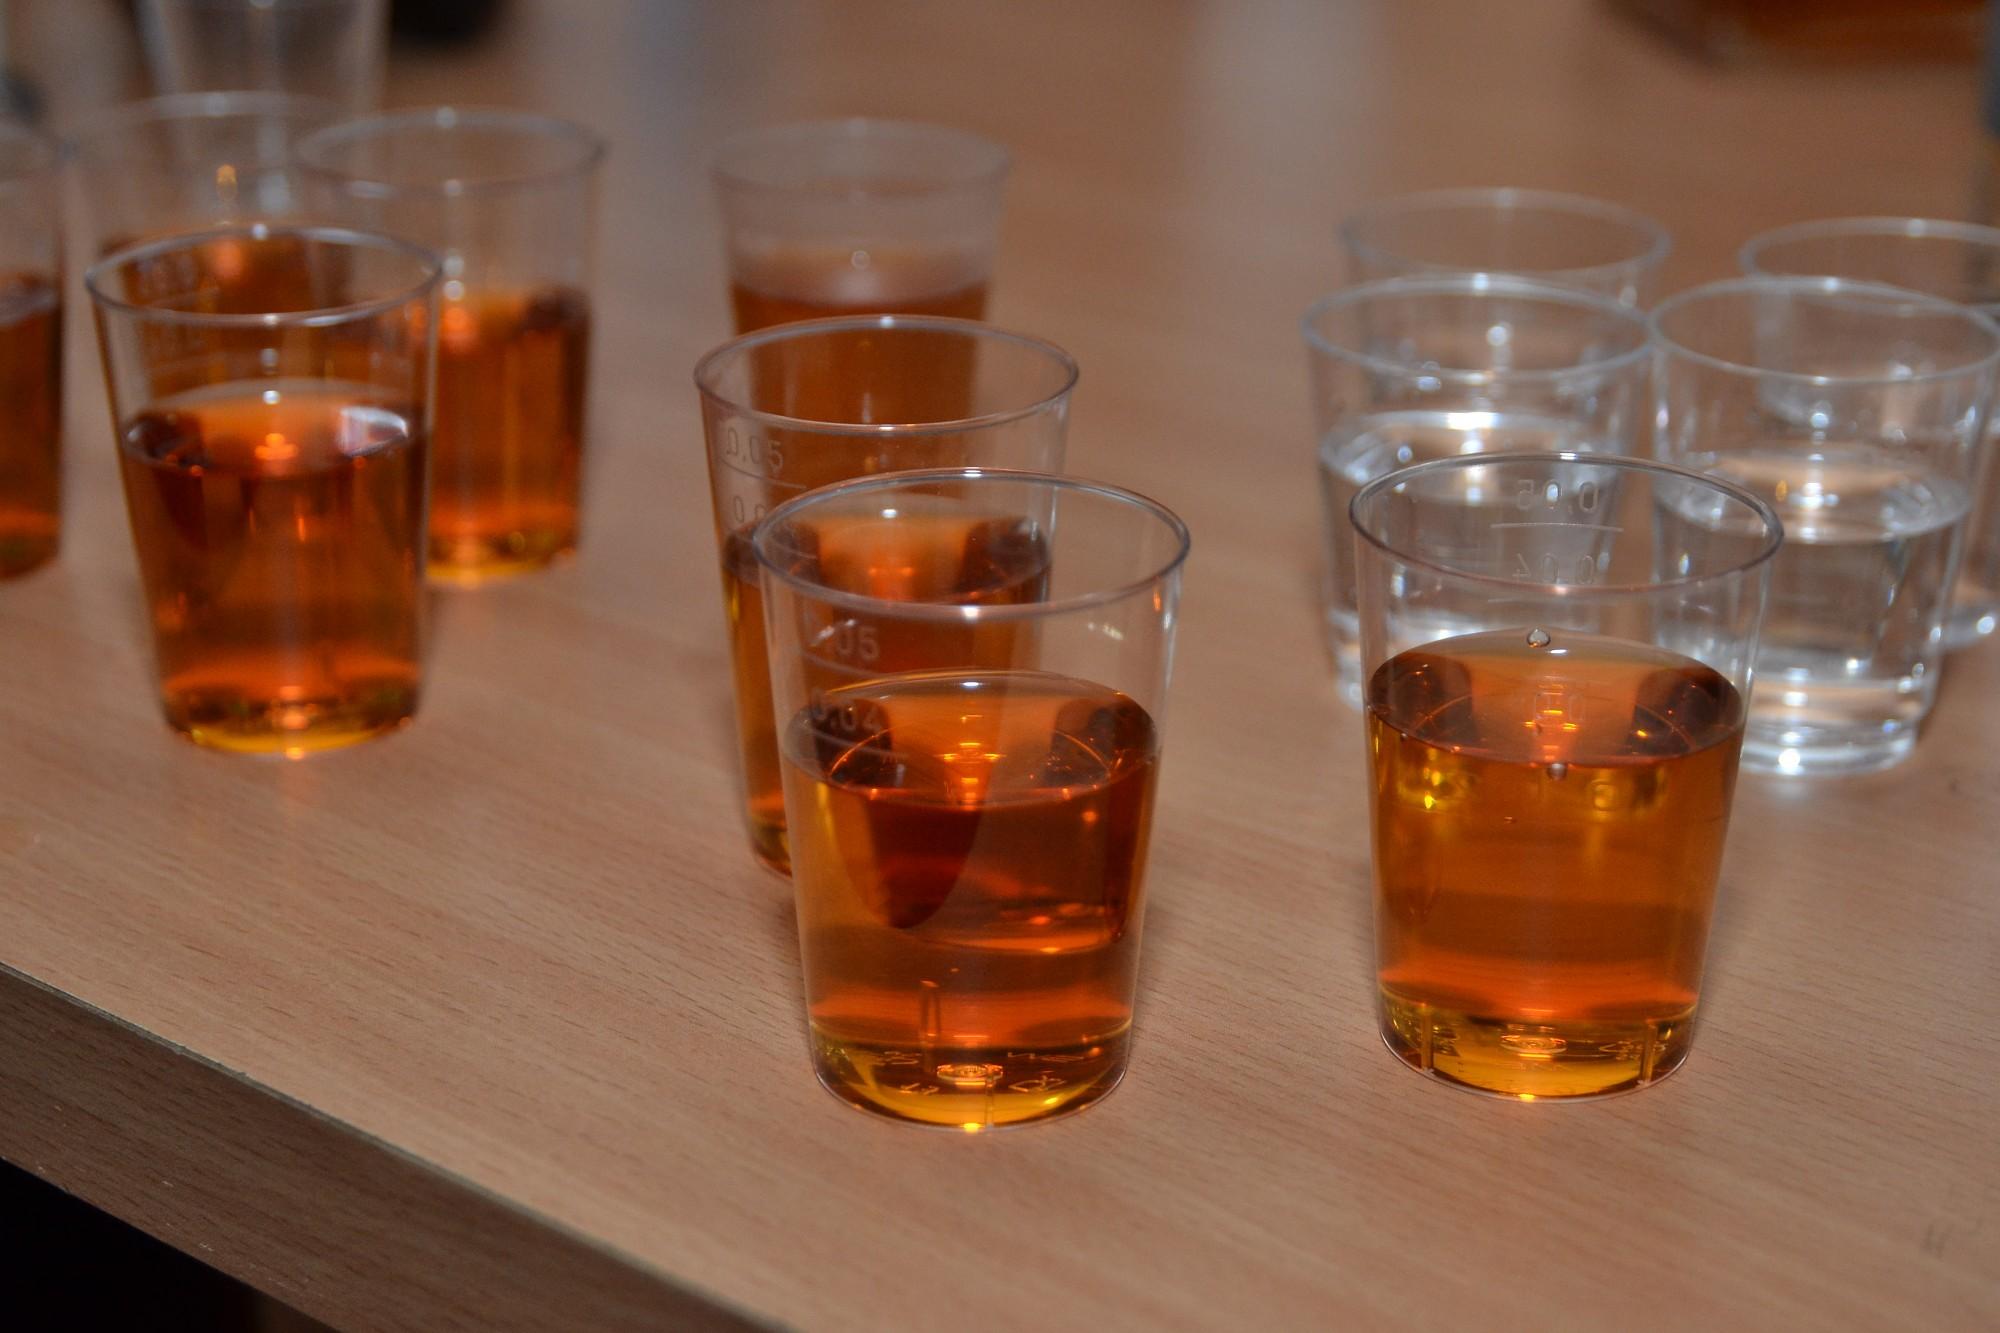 Liepājāpar alkohola pirkšanu nepilngadīgajiem aizturēts vīrietis